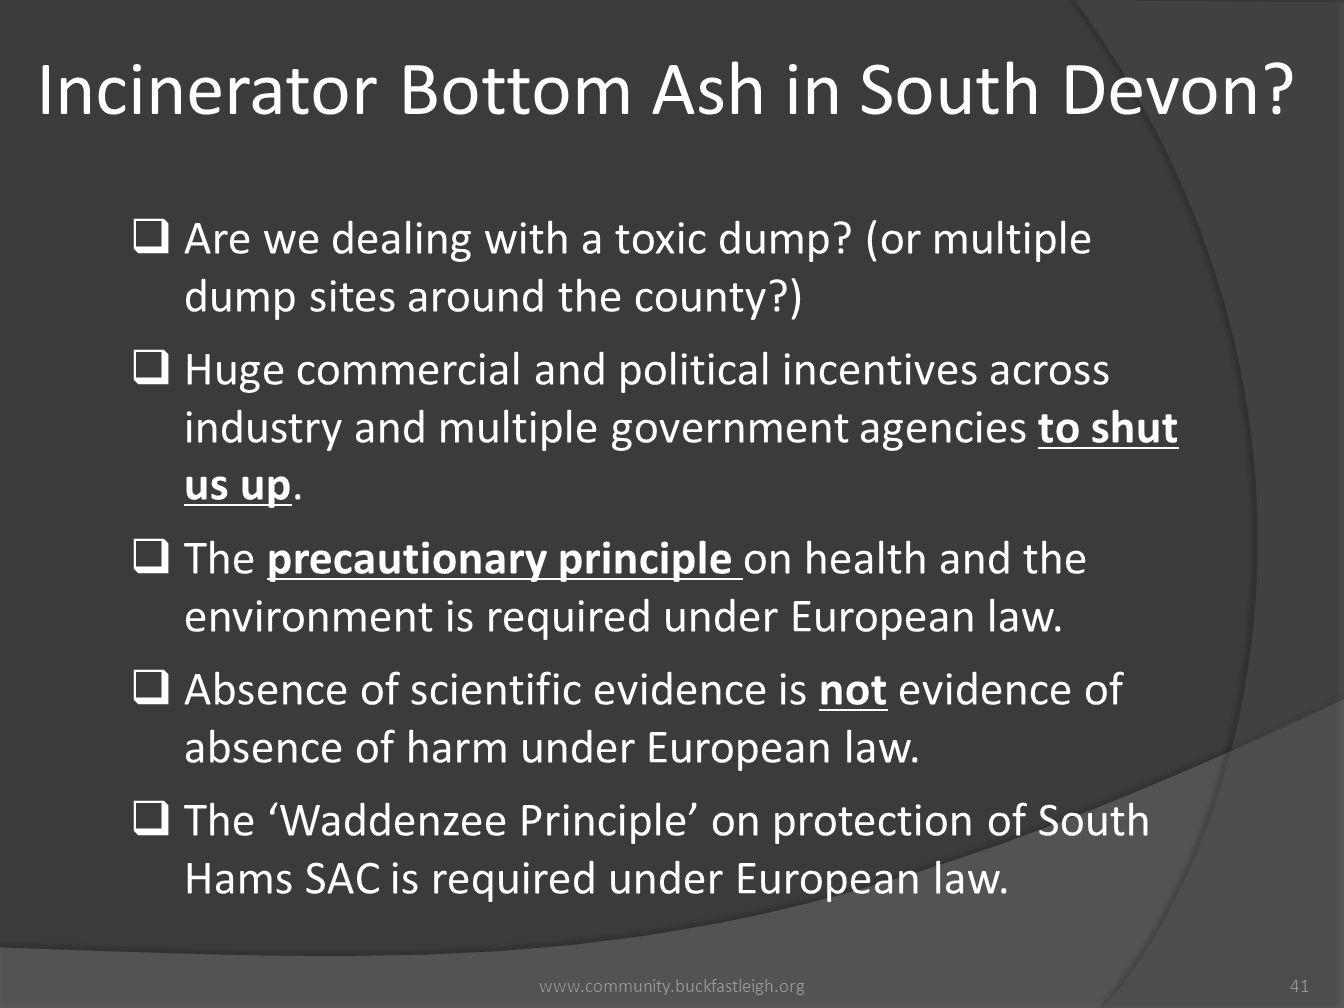 Incinerator Bottom Ash in South Devon